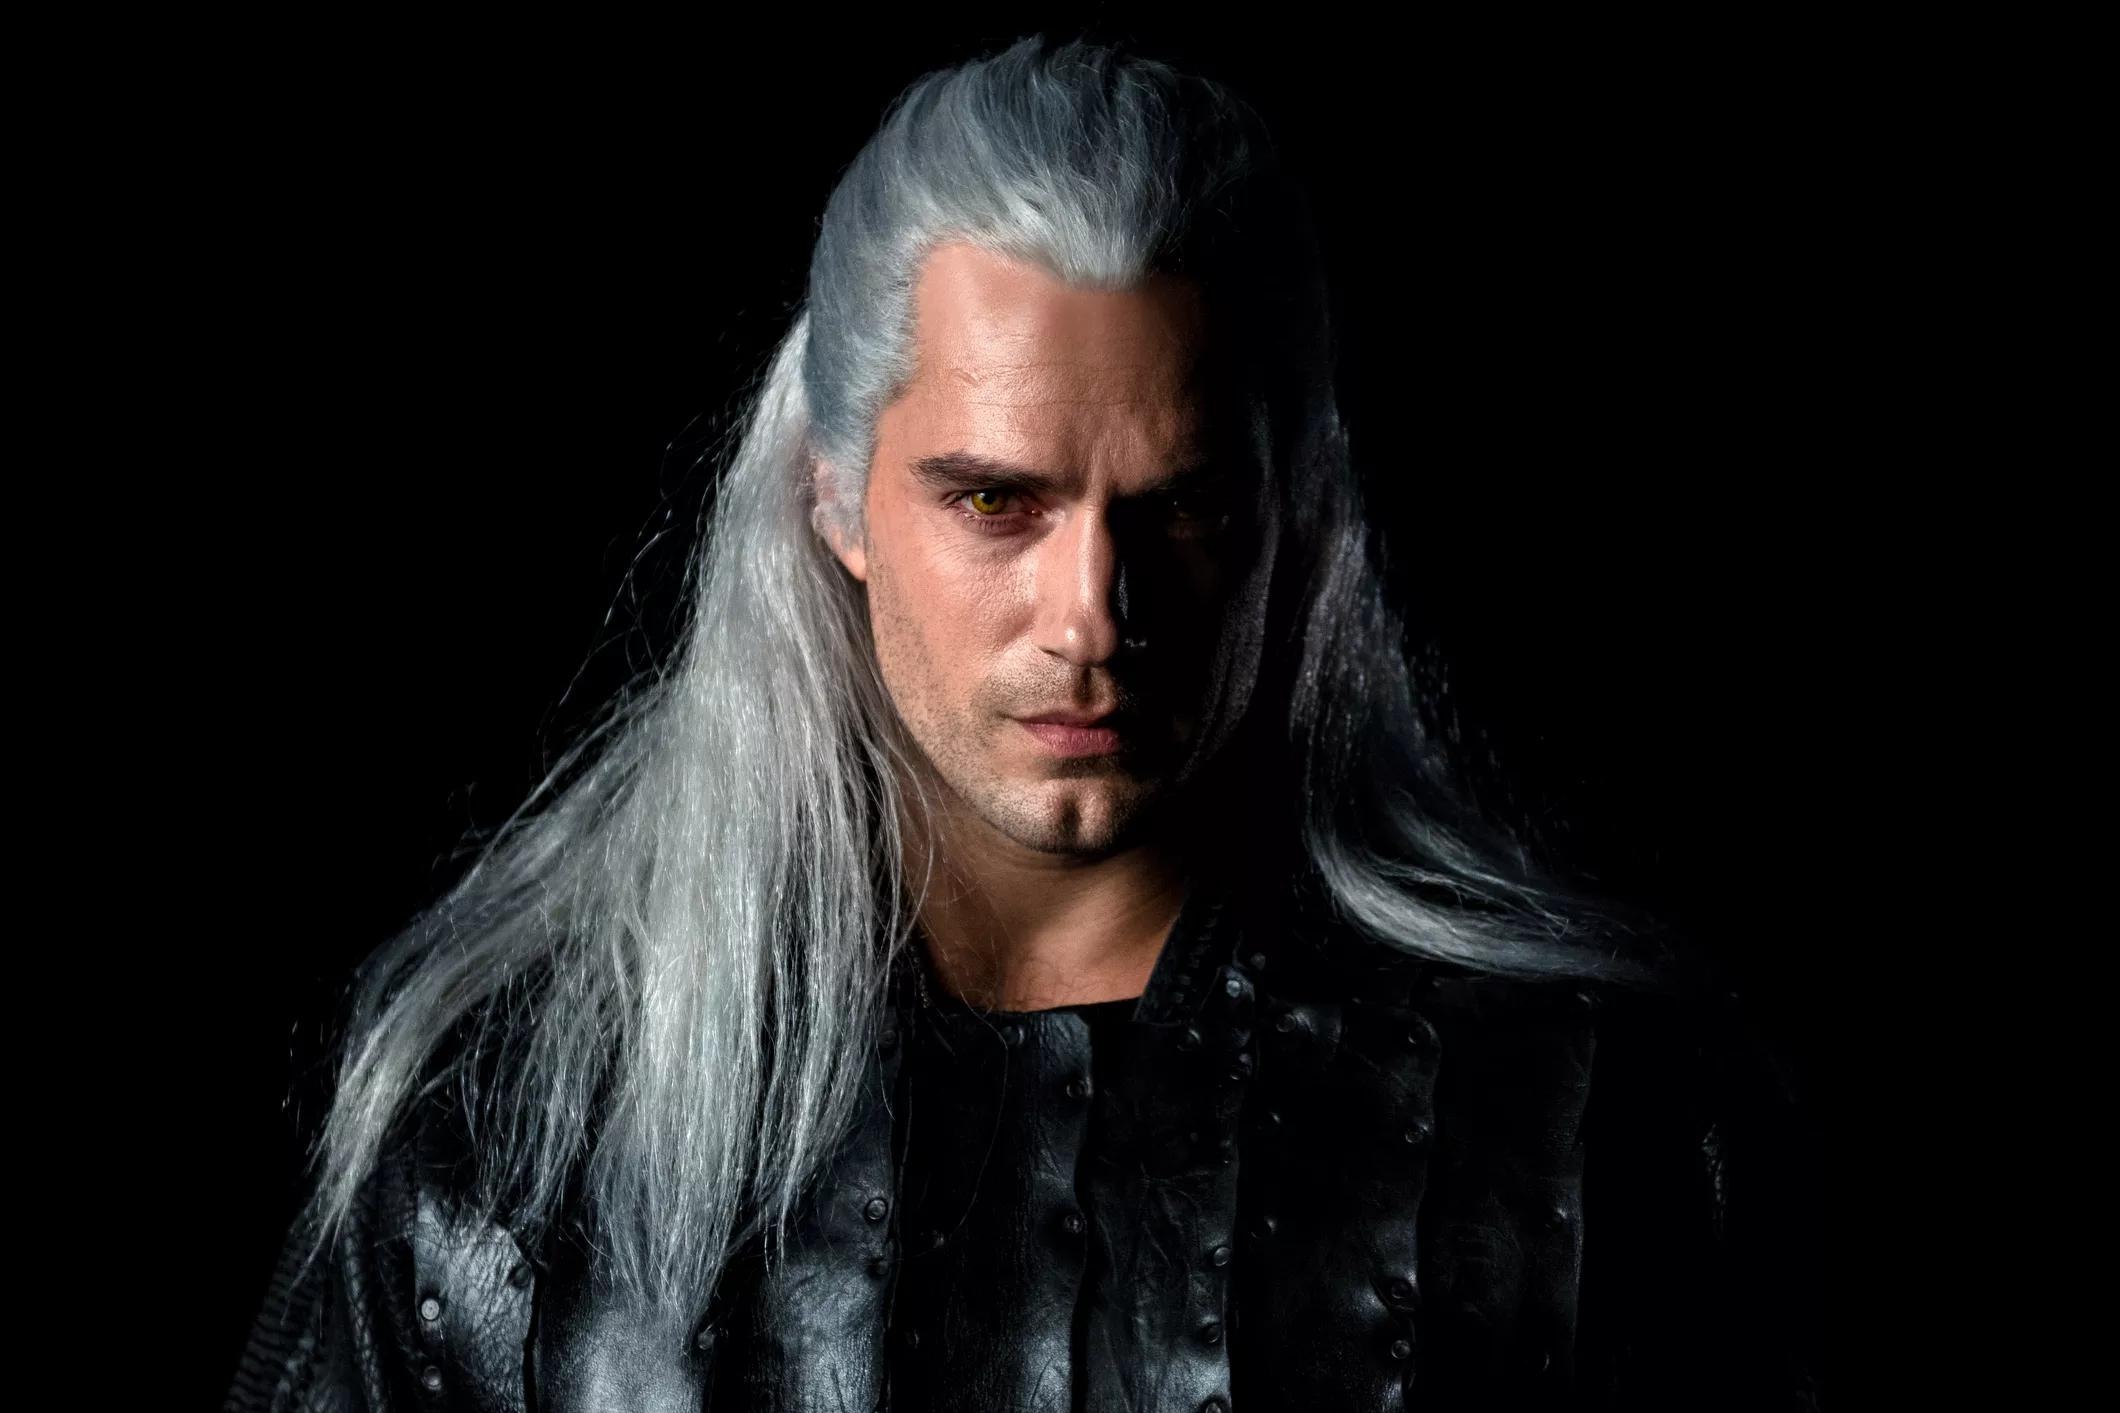 5c601ef6d Prvý pohľad na Henryho Cavilla ako Geralta | Sector